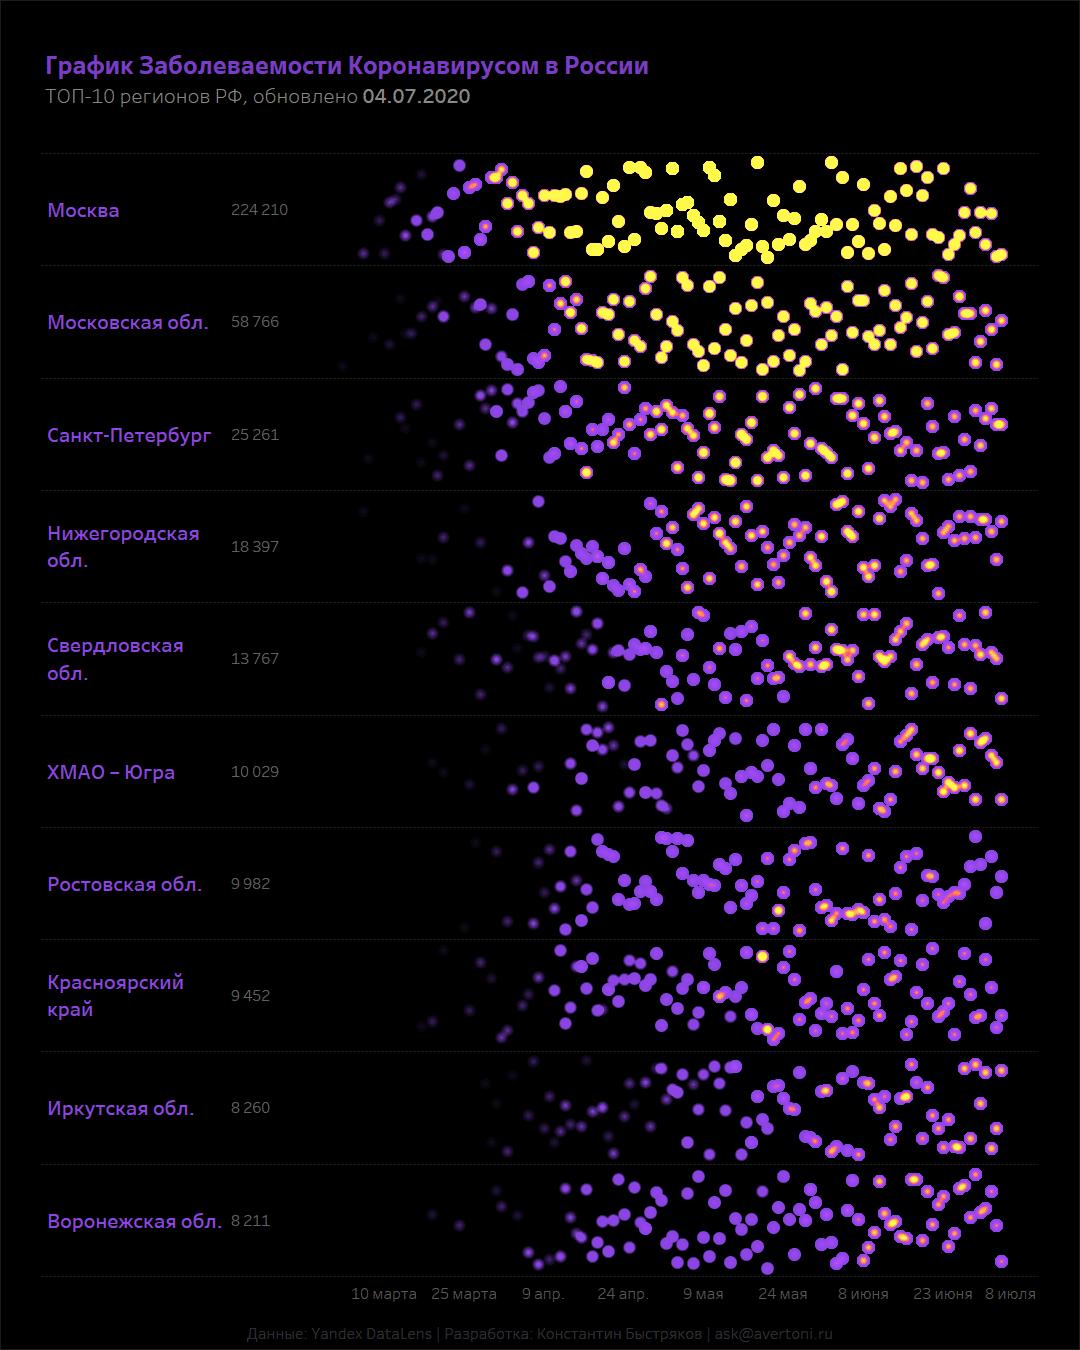 График коронавируса в России по 10 регионам с сортировкой и визуализацией случайных точек на дашборде.